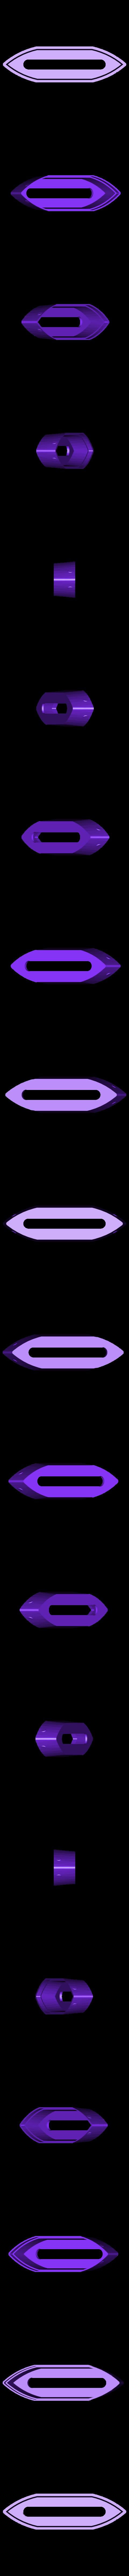 5_Buck_Boat_Top_002.STL Télécharger fichier STL gratuit 5 BUCK BOAT ! • Modèle pour imprimante 3D, Tarnliare